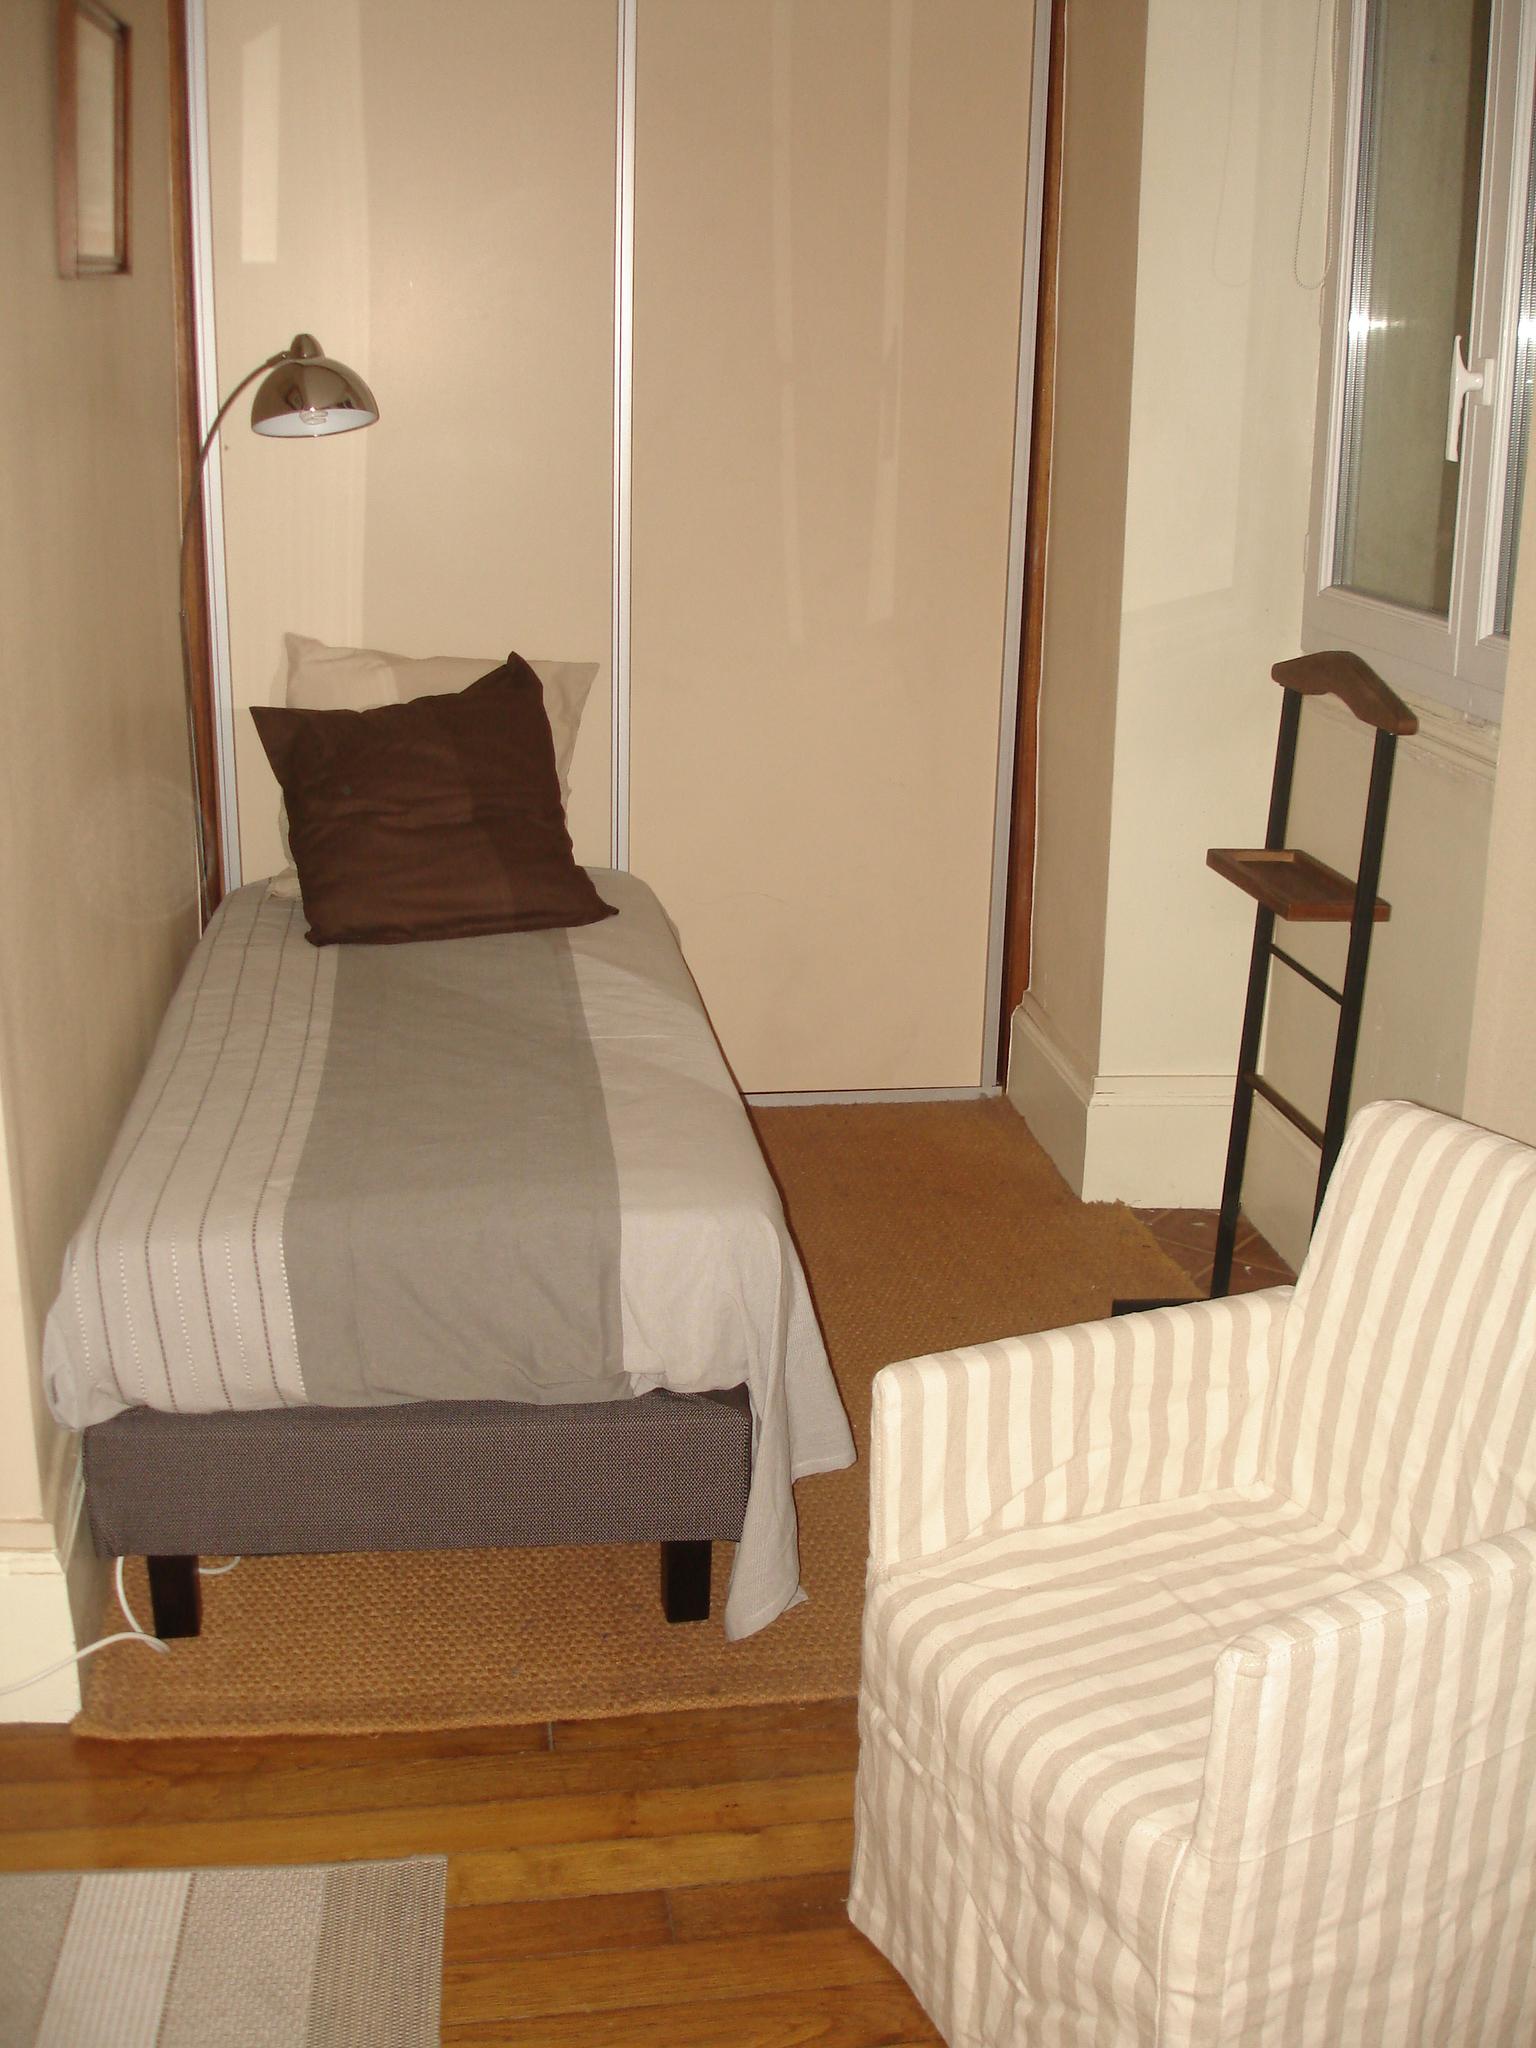 lit d'appui et dressing en chambre